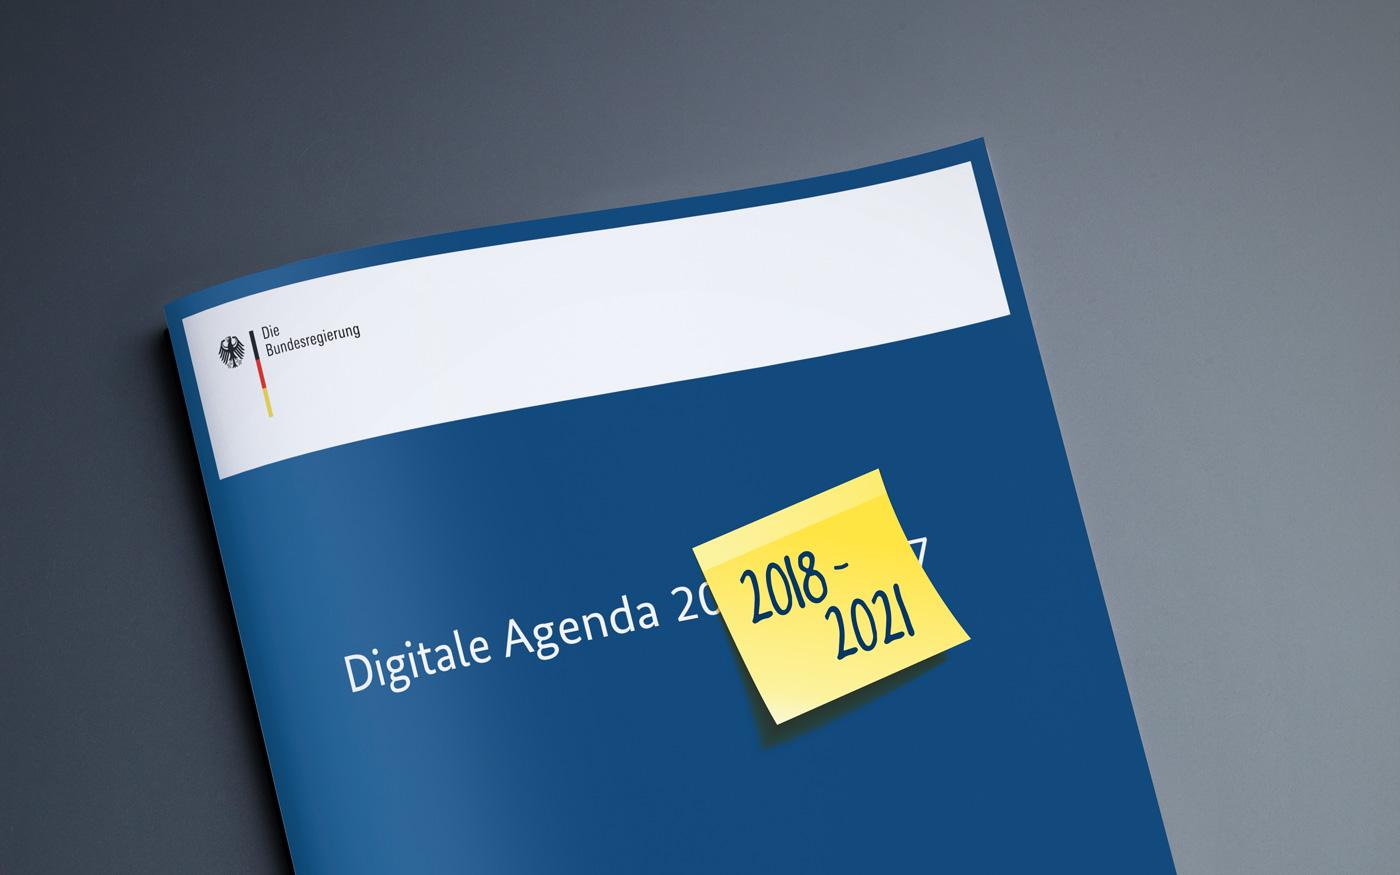 Brauchen wir eine neue digitale Agenda?